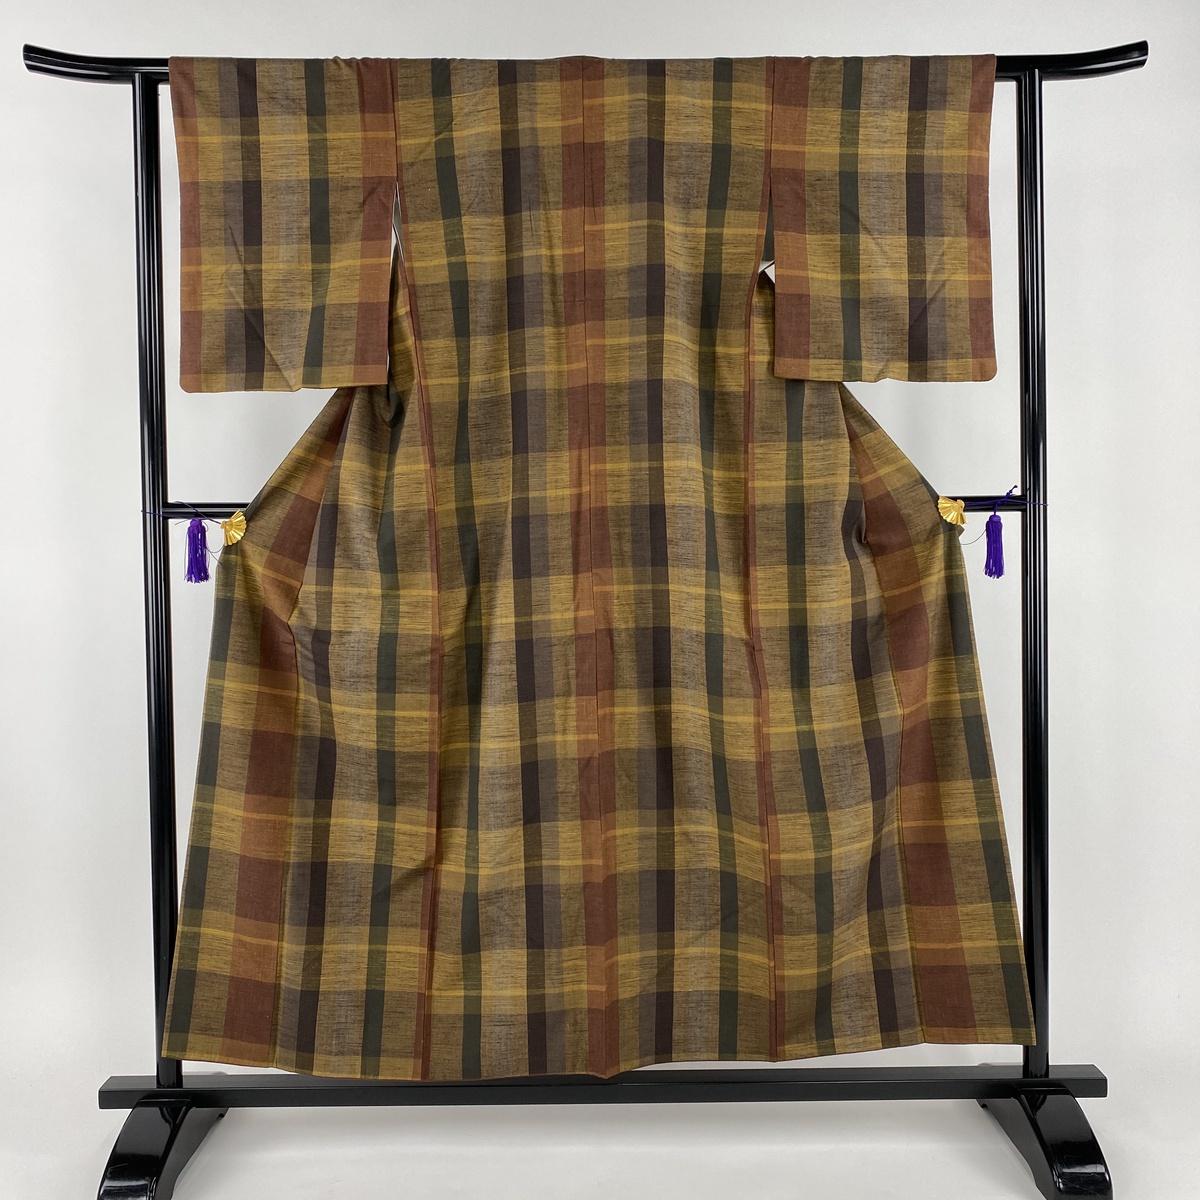 紬 美品 秀品 縞模様 茶緑色 袷 身丈155cm 裄丈60.5cm S 正絹 【中古】